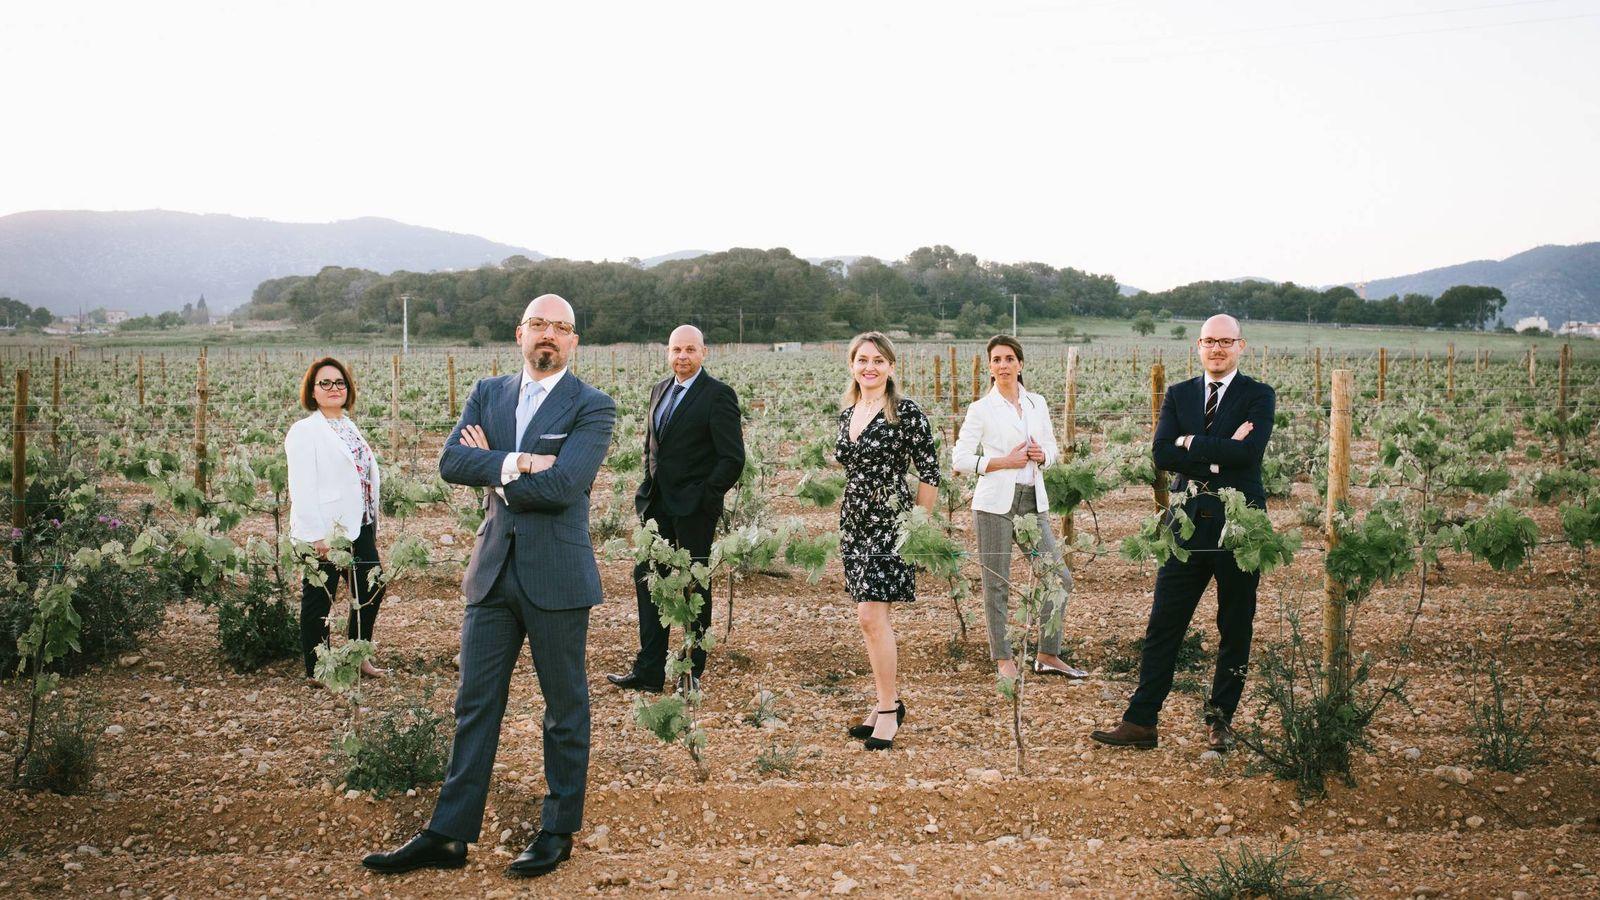 Foto: El equipo de genealogistas, con Lamberti al frente. (Coutot Roehrig)